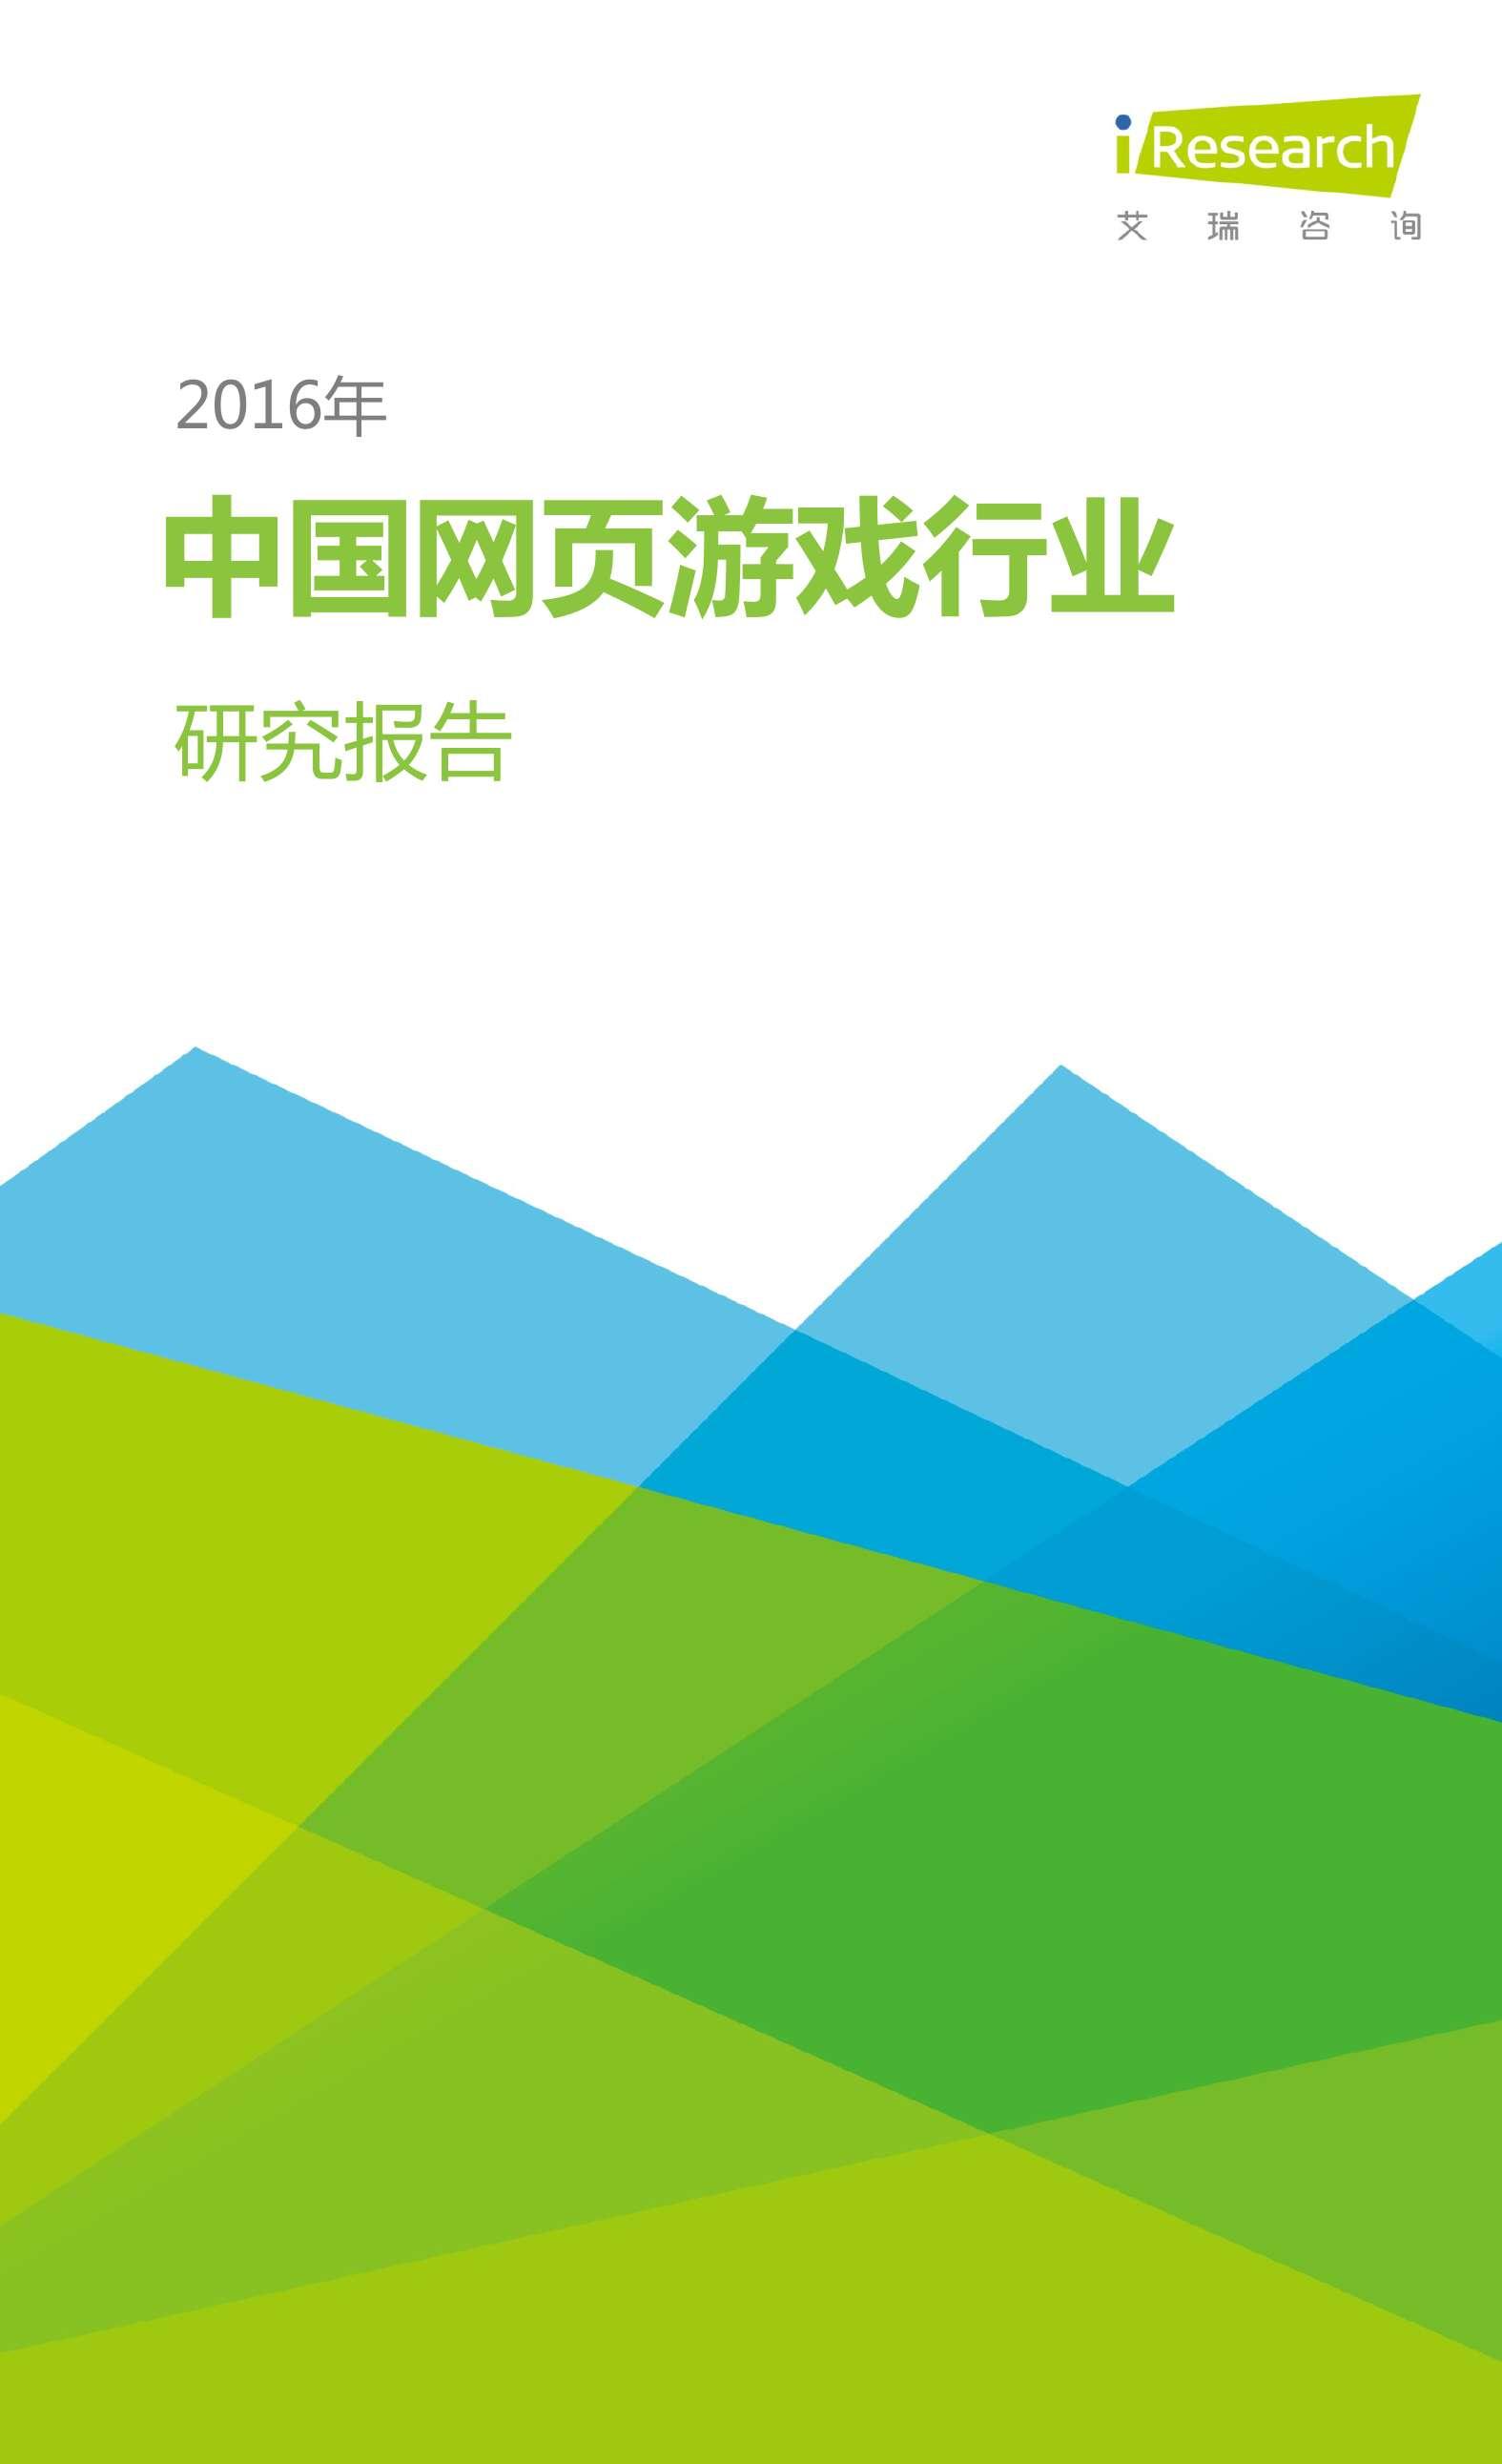 2016年中国网页游戏行业研究报告_000001